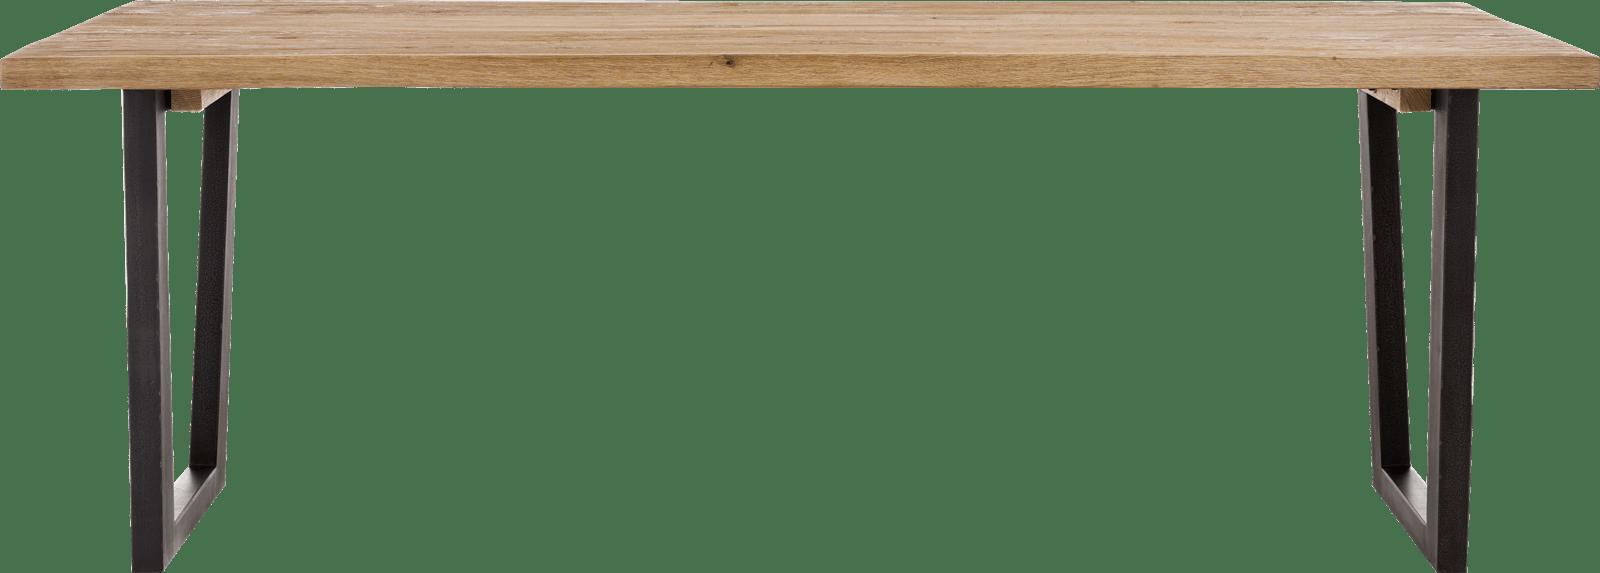 Denmark - eetkamertafel 220 x 100 cm